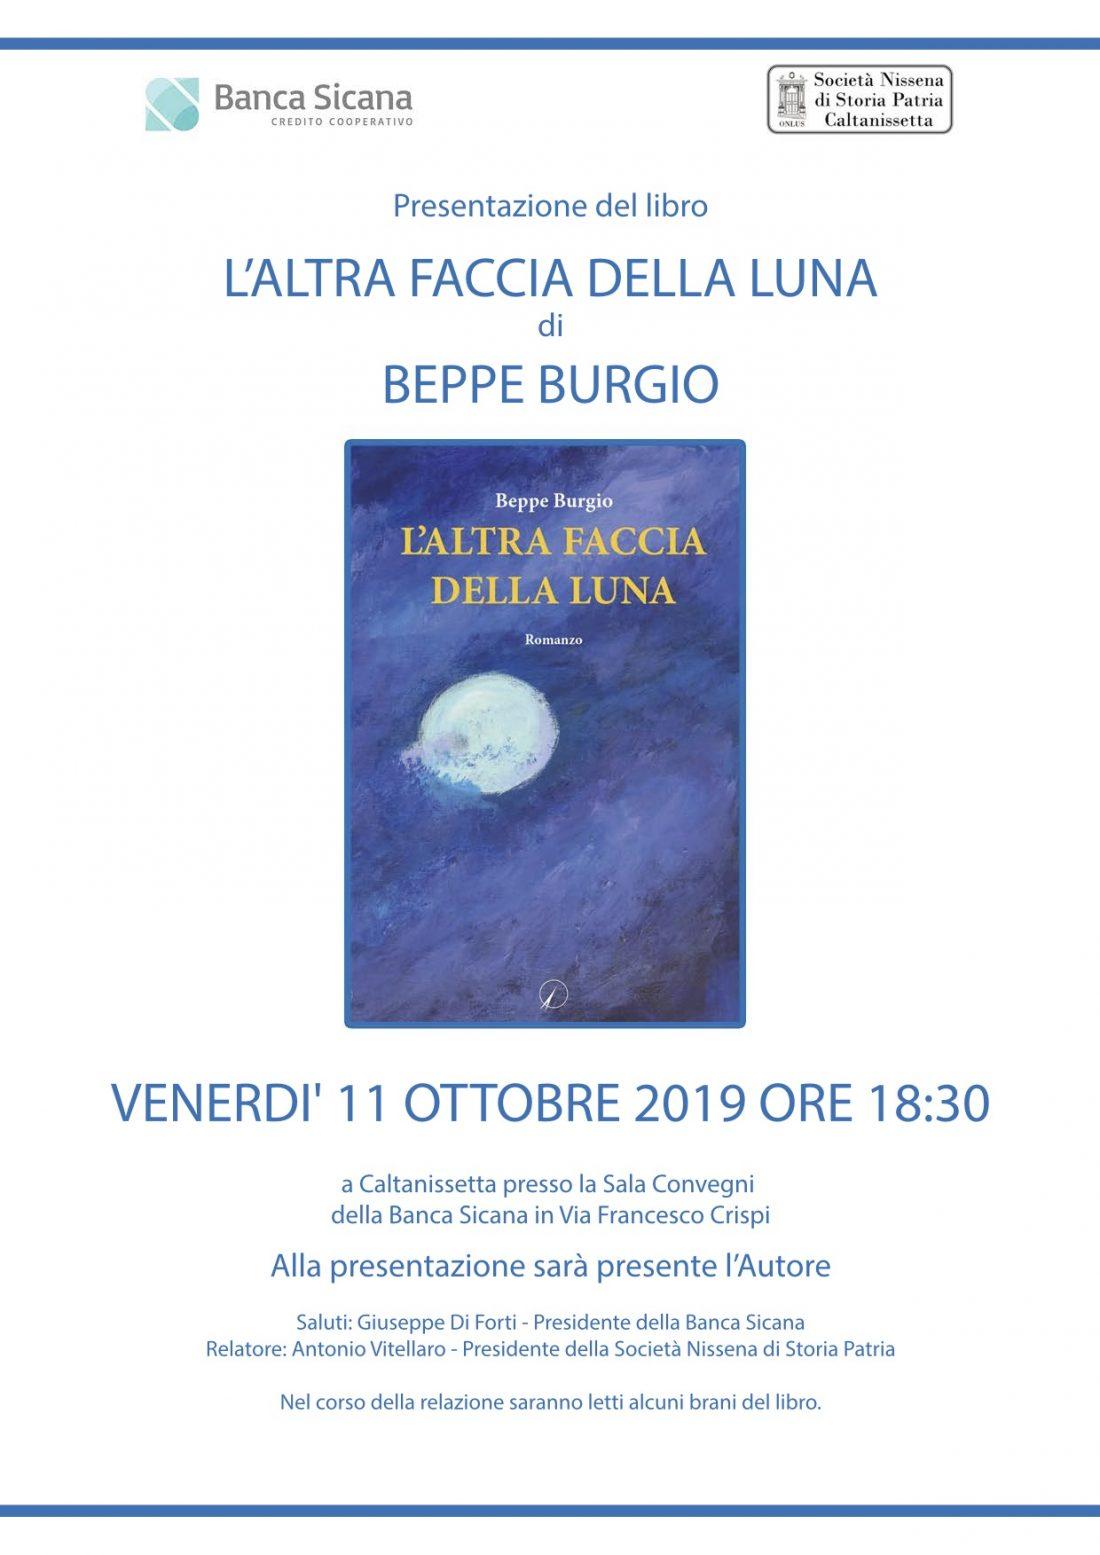 """Presentazione: """"L'altra faccia della luna"""" di Beppe Burgio"""